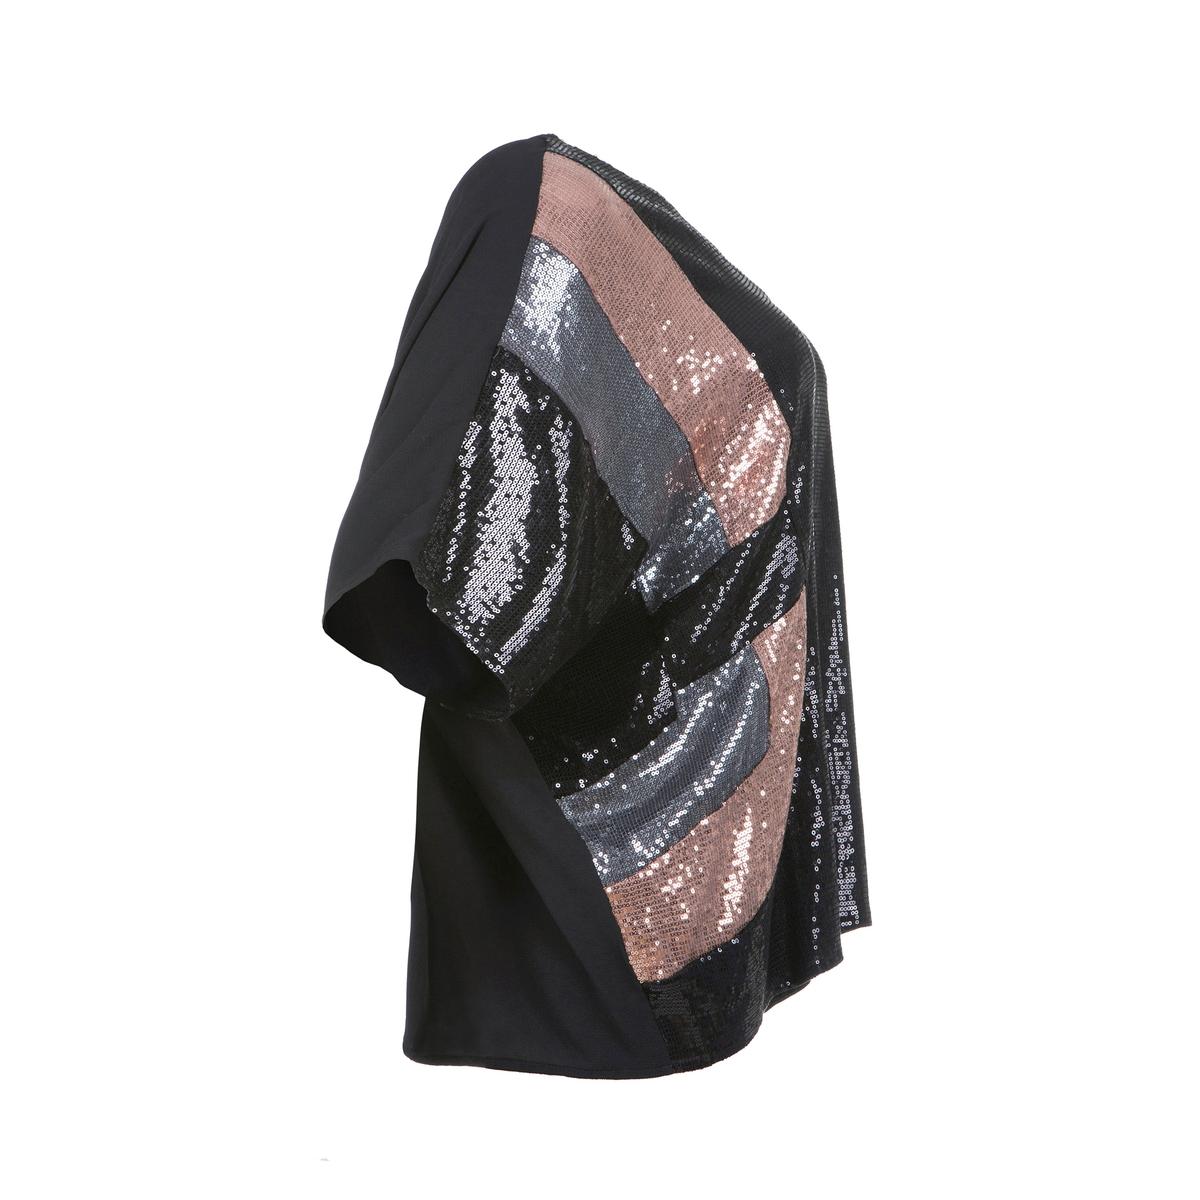 ПуловерБлуза-пуловер с блестками от MAT FASHION,  рукава летучая мышь. 96% полиэстера, 4% эластана. Спереди геометрический рисунок из блесток трех цветов. Рукава летучая мышь. V-образный вырез. Спинка из легкого материала черного цвета.<br><br>Цвет: разноцветный<br>Размер: 44/48